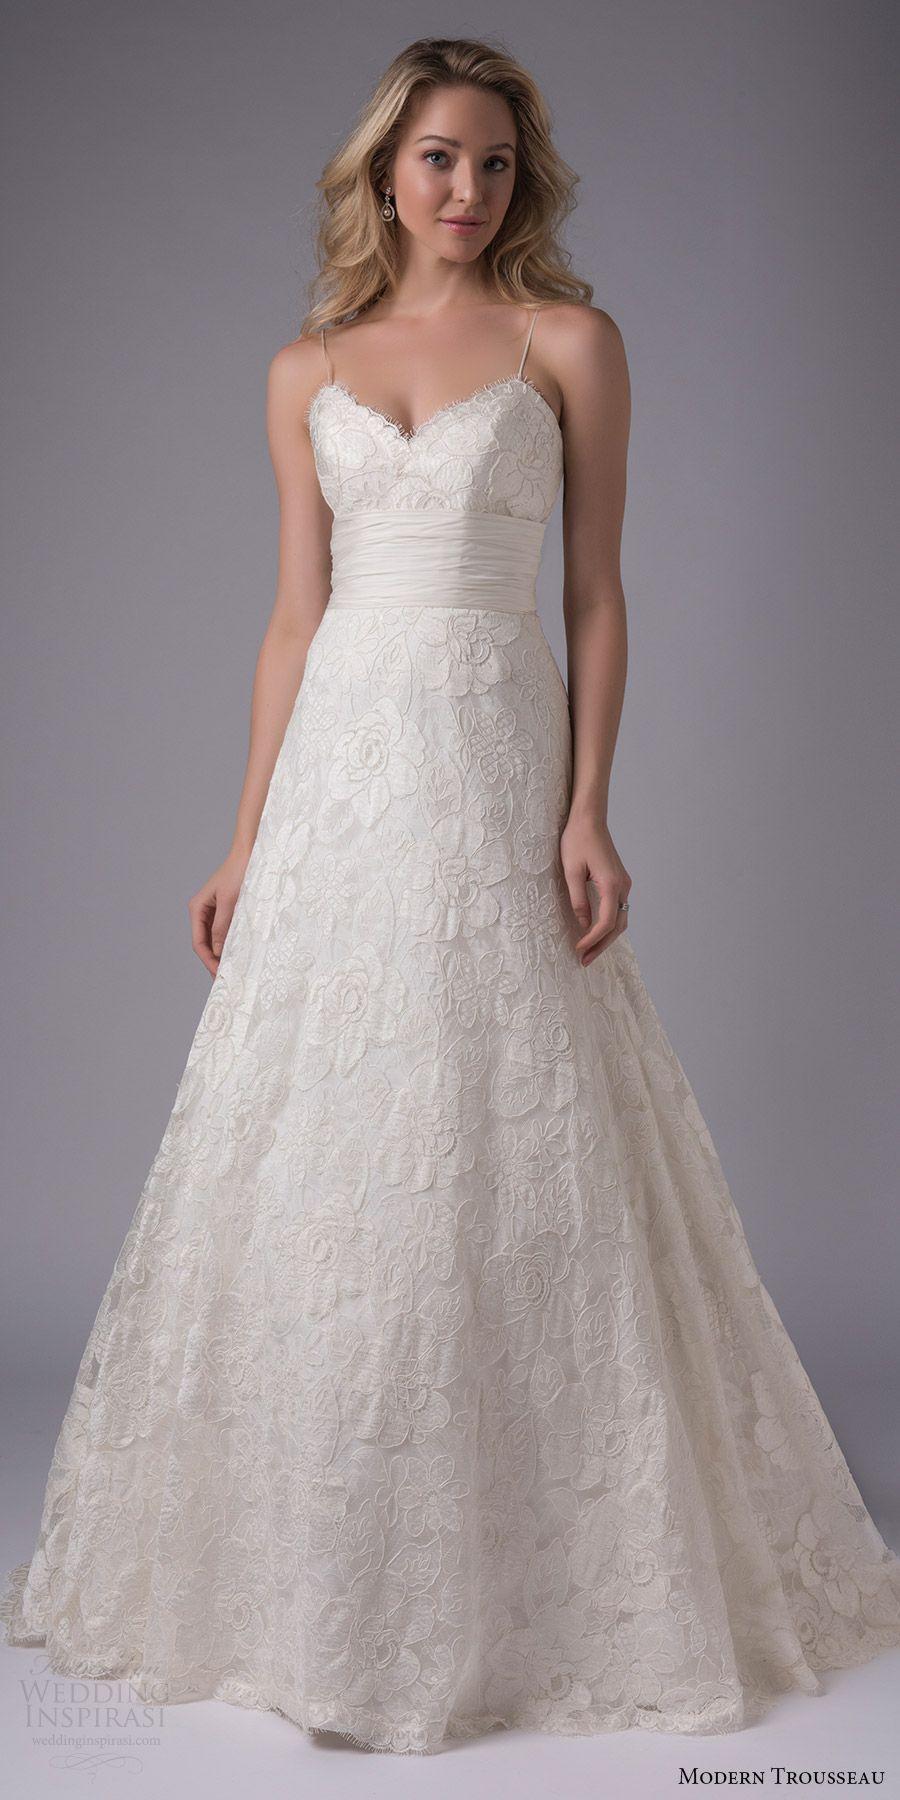 Sweetheart ball gown wedding dress  Modern Trousseau Fall  Wedding Dresses  Pinterest  Ball gowns